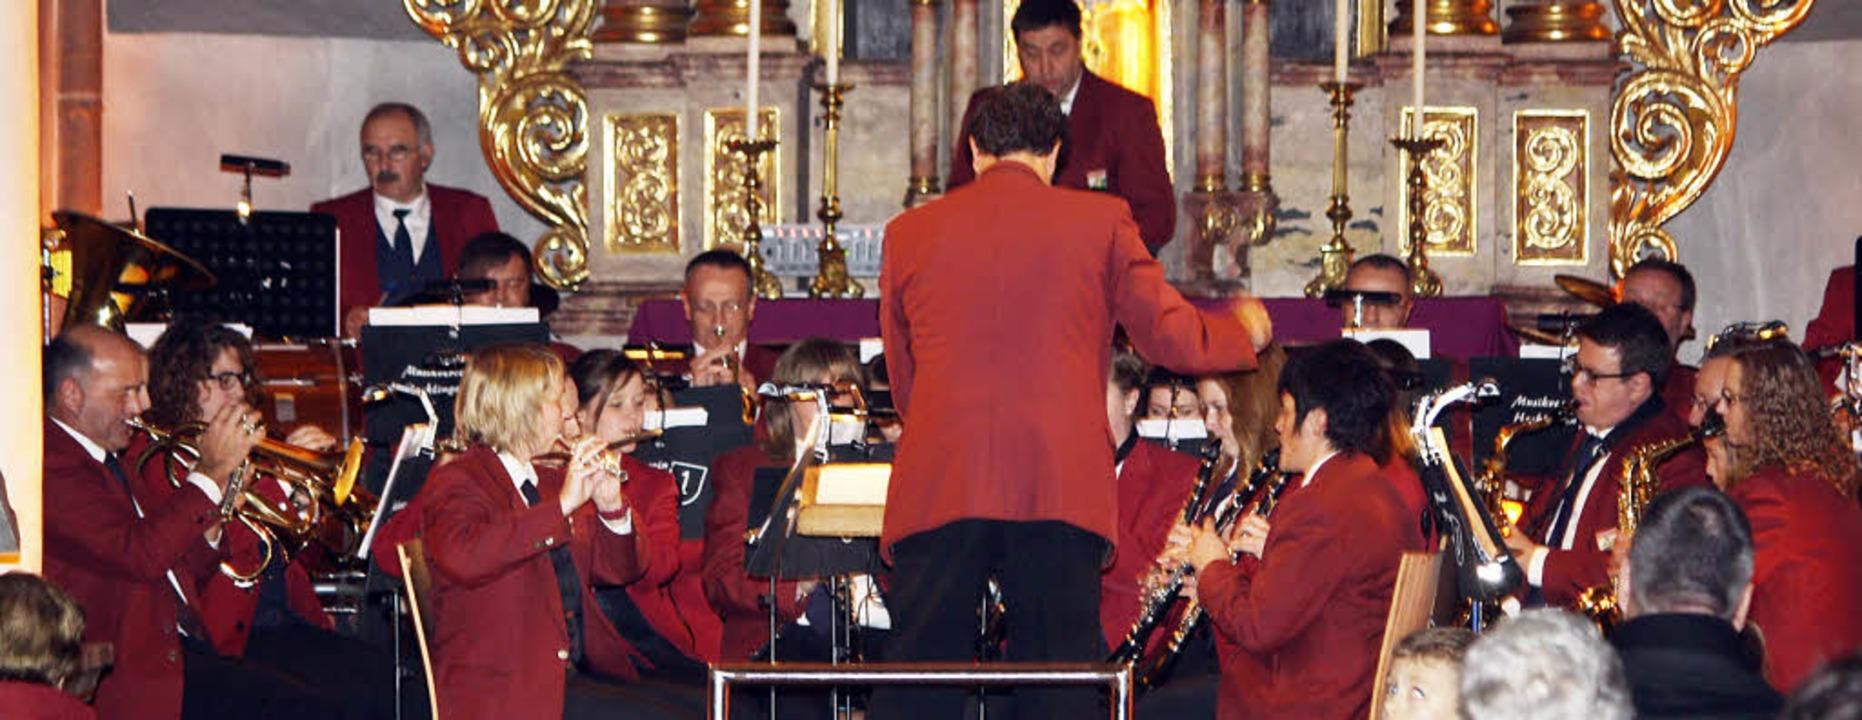 Besinnliches mal traditionell, mal mod...umsjahrs in der Sankt-Andreas-Kirche.   | Foto: Werner Schnabl